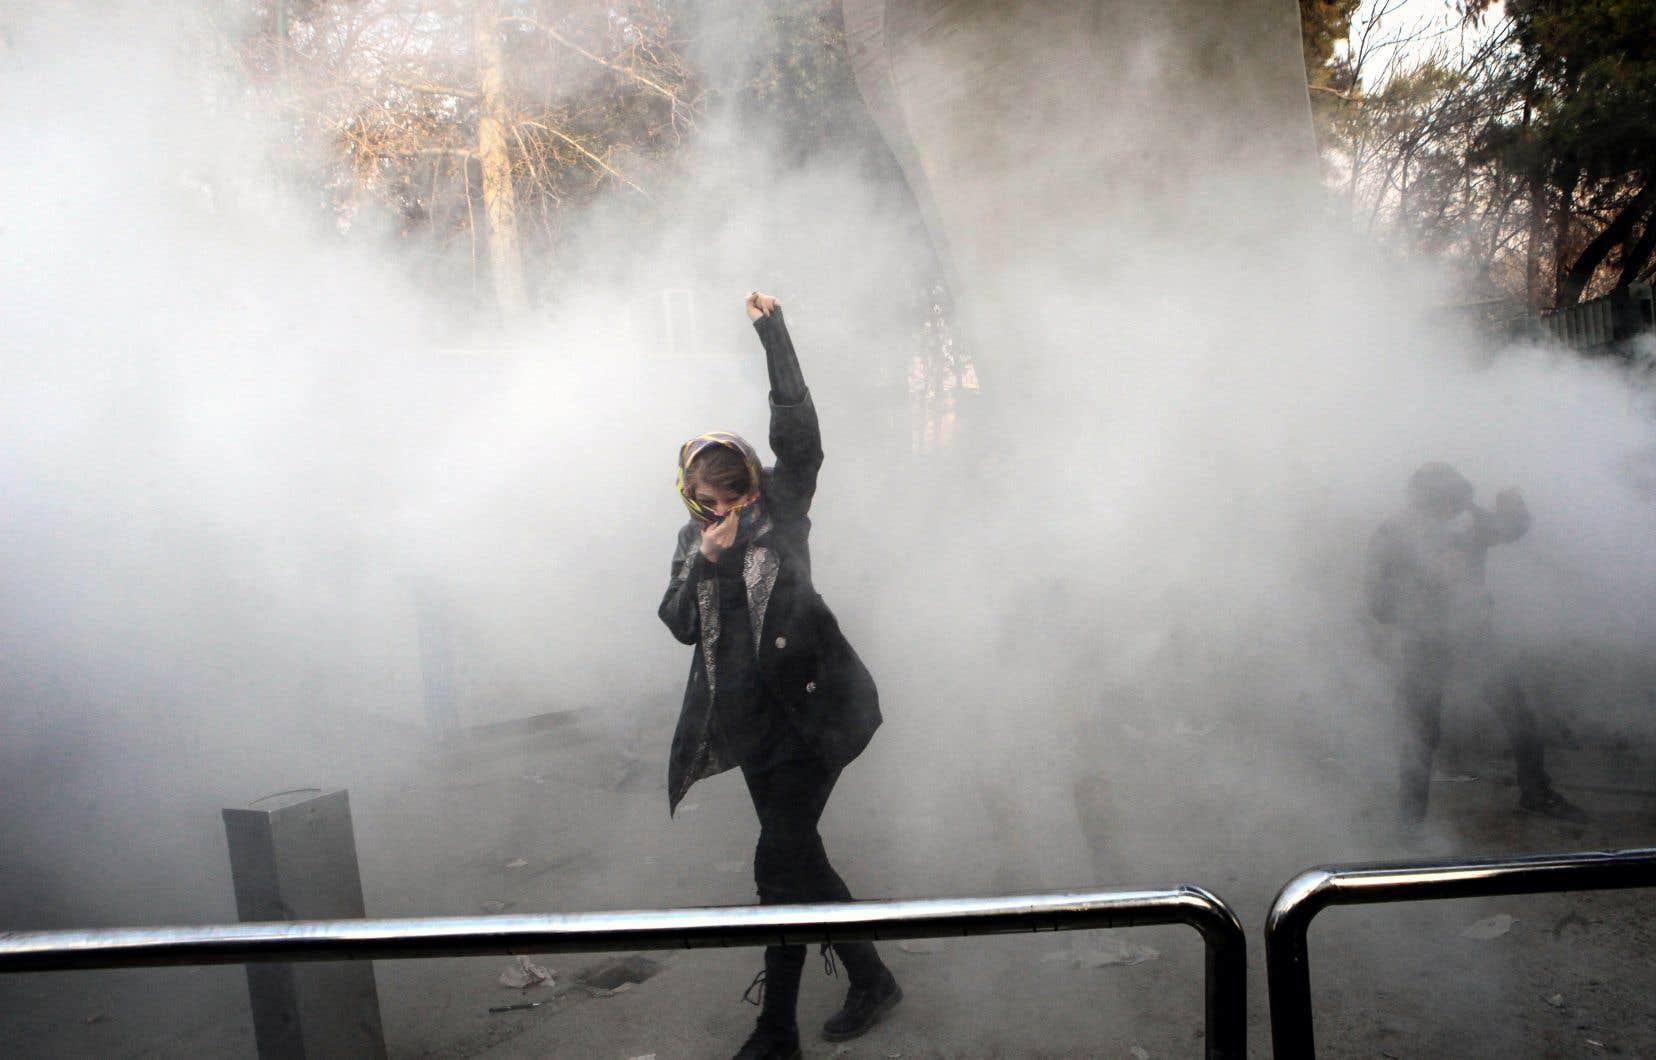 Le 30décembre dernier, sur le campus de l'Université de Téhéran, une manifestation s'est déclenchée pour protester contre la hausse du prix des denrées.